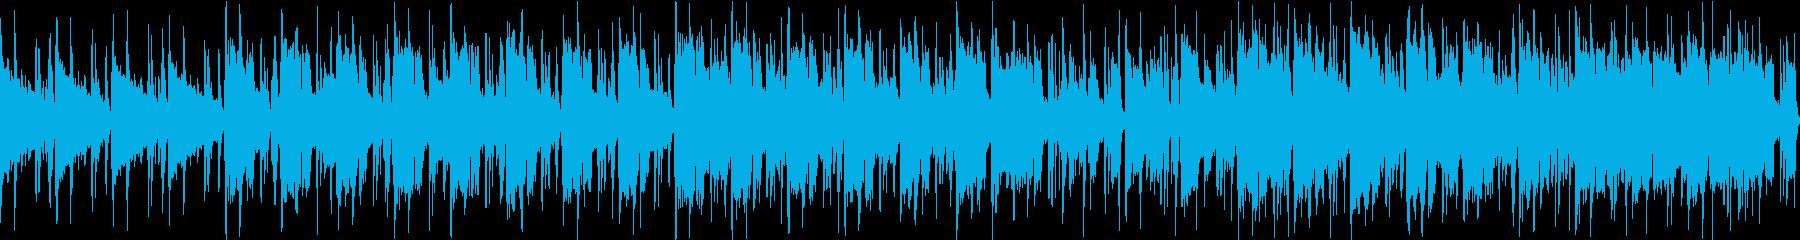 路地裏、足音、がコンセプトな曲の再生済みの波形